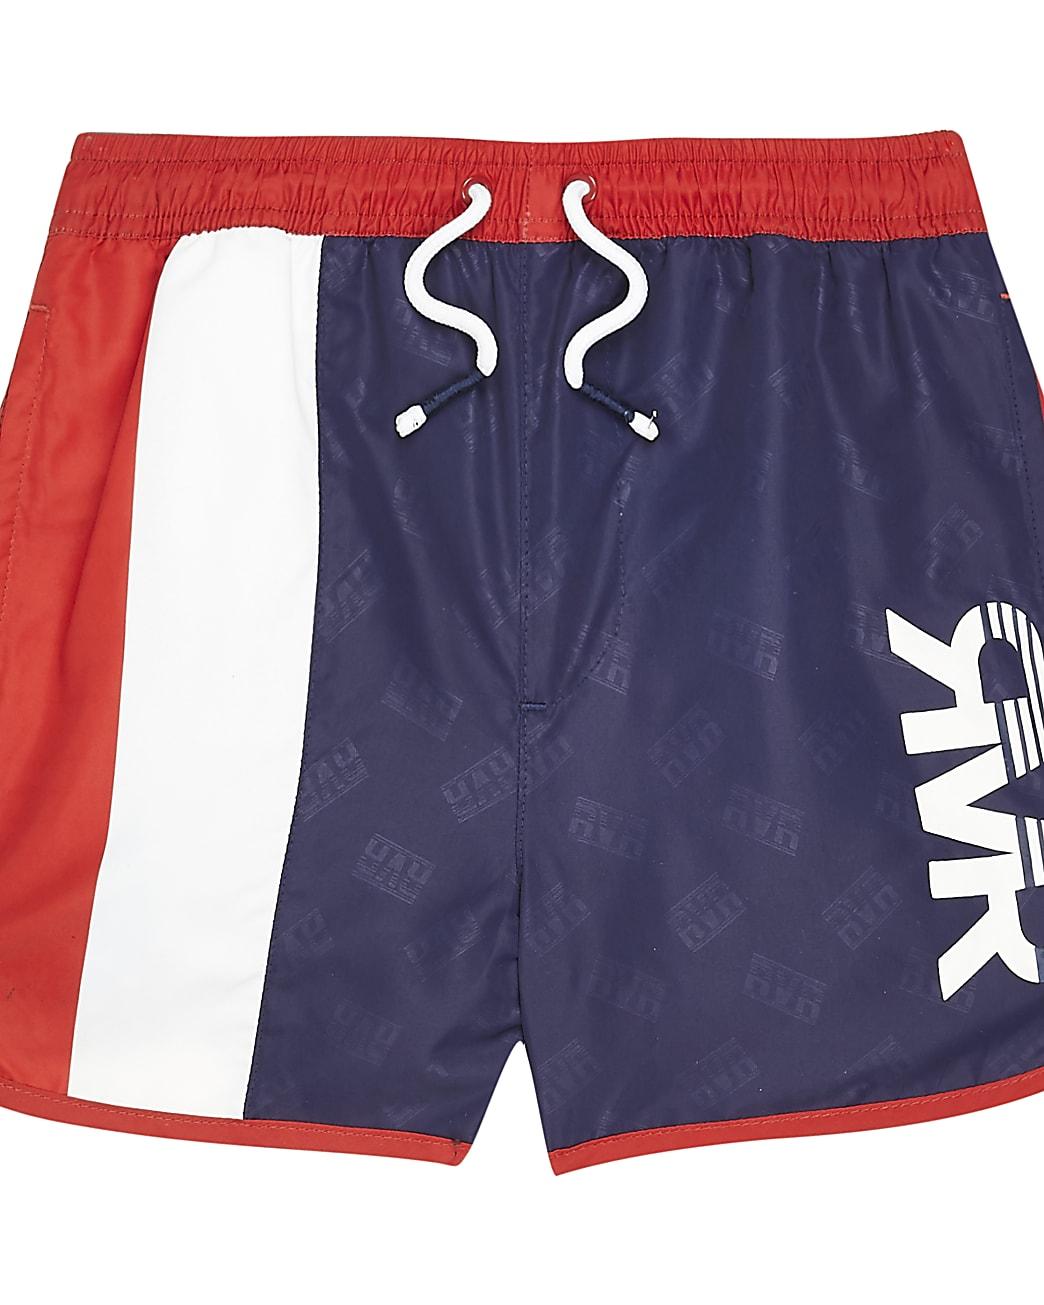 Boys navy blocked RVR swim shorts